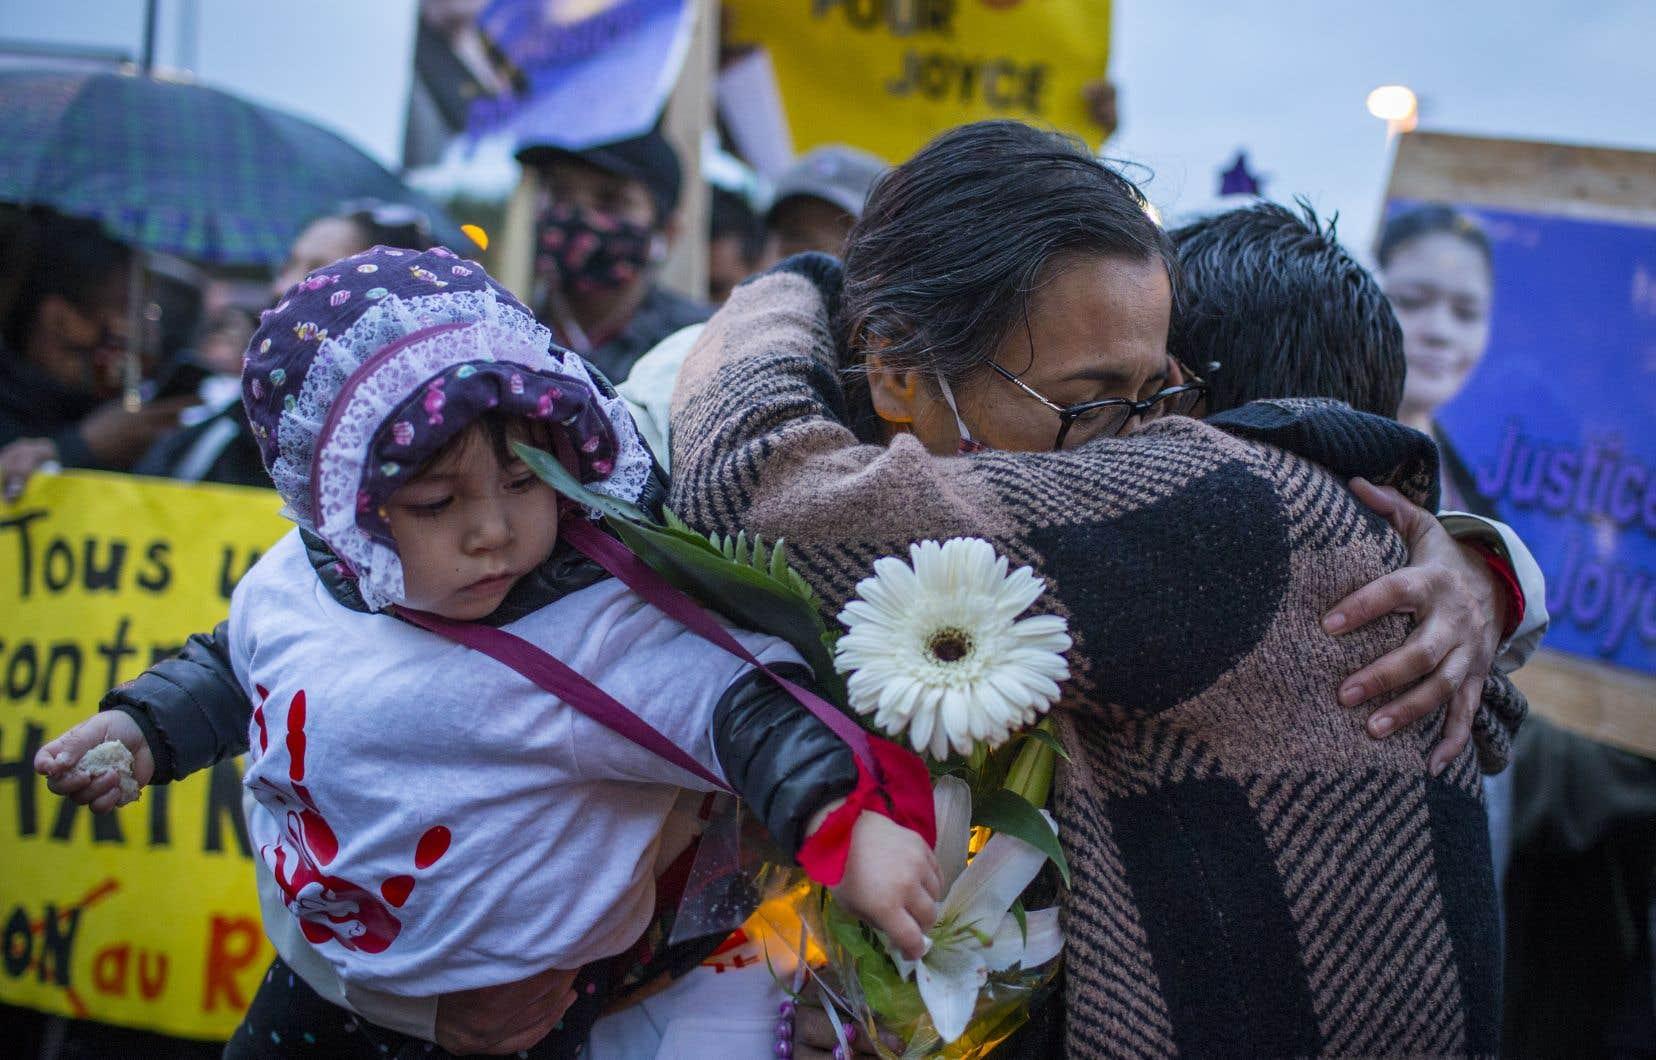 Les proches de Joyce Echaquan se sont recueillis lors d'une cérémonie à sa mémoire, en septembre dernier.